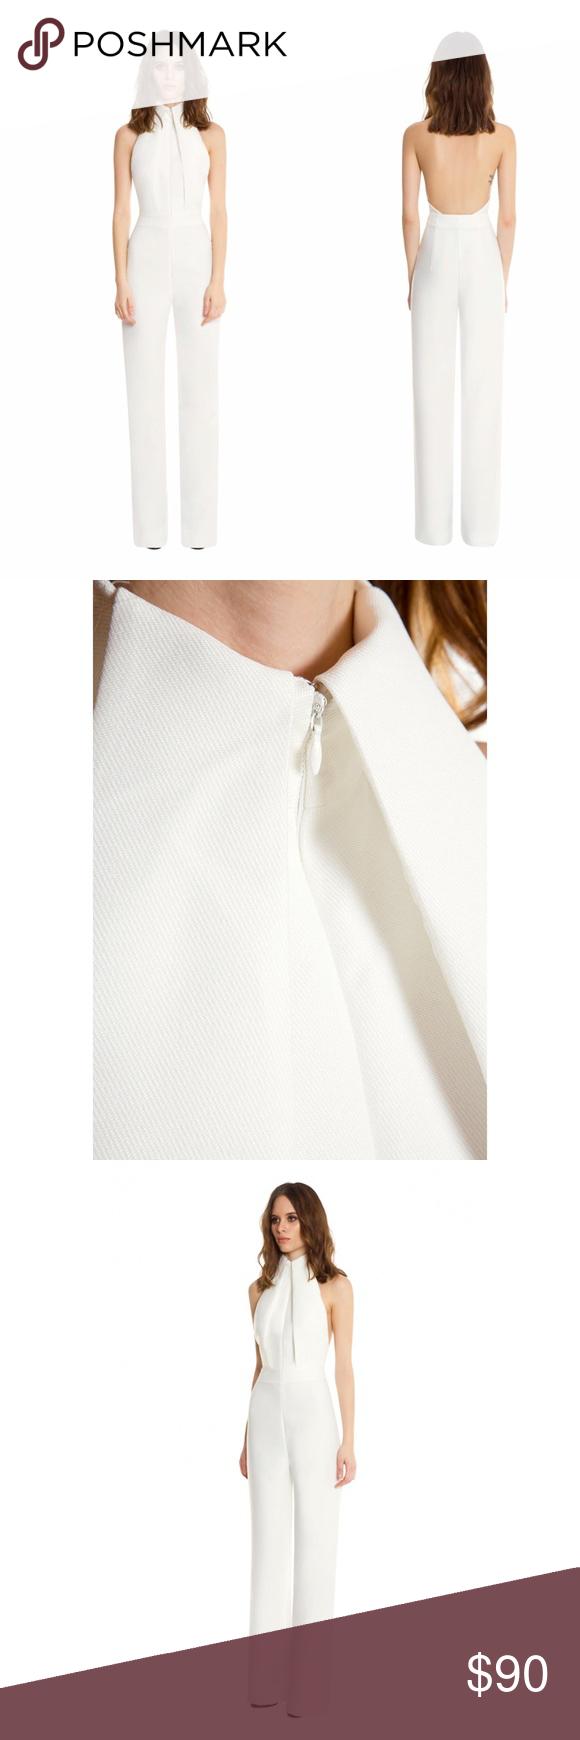 f4b12e615e3 AQ AQ Hero Backless Jumpsuit- Cream   White XS -0 The white Halter ...